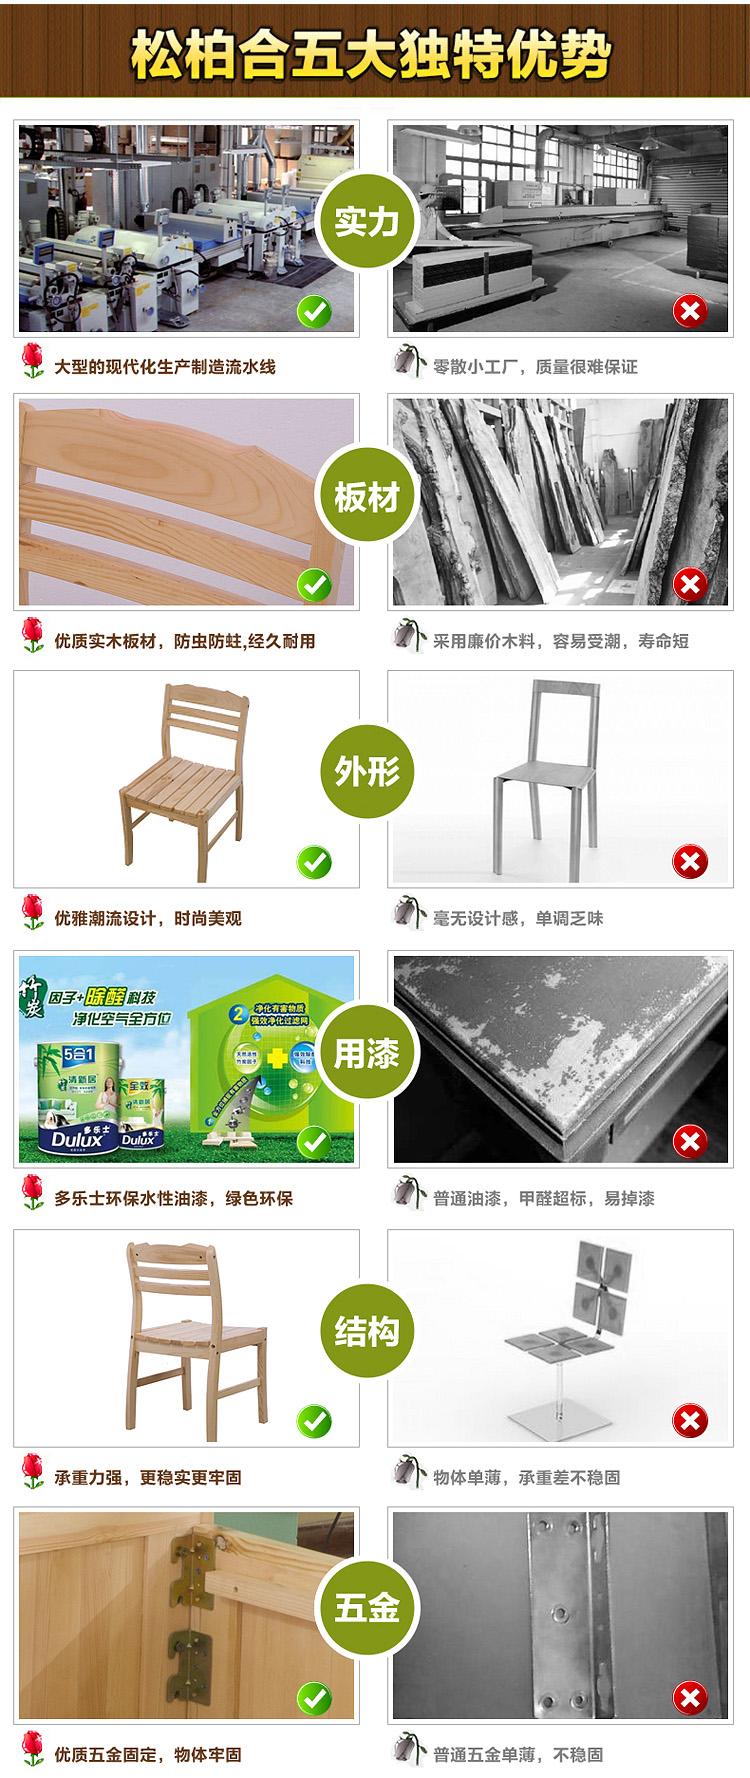 格拉斯餐椅PK图.jpg